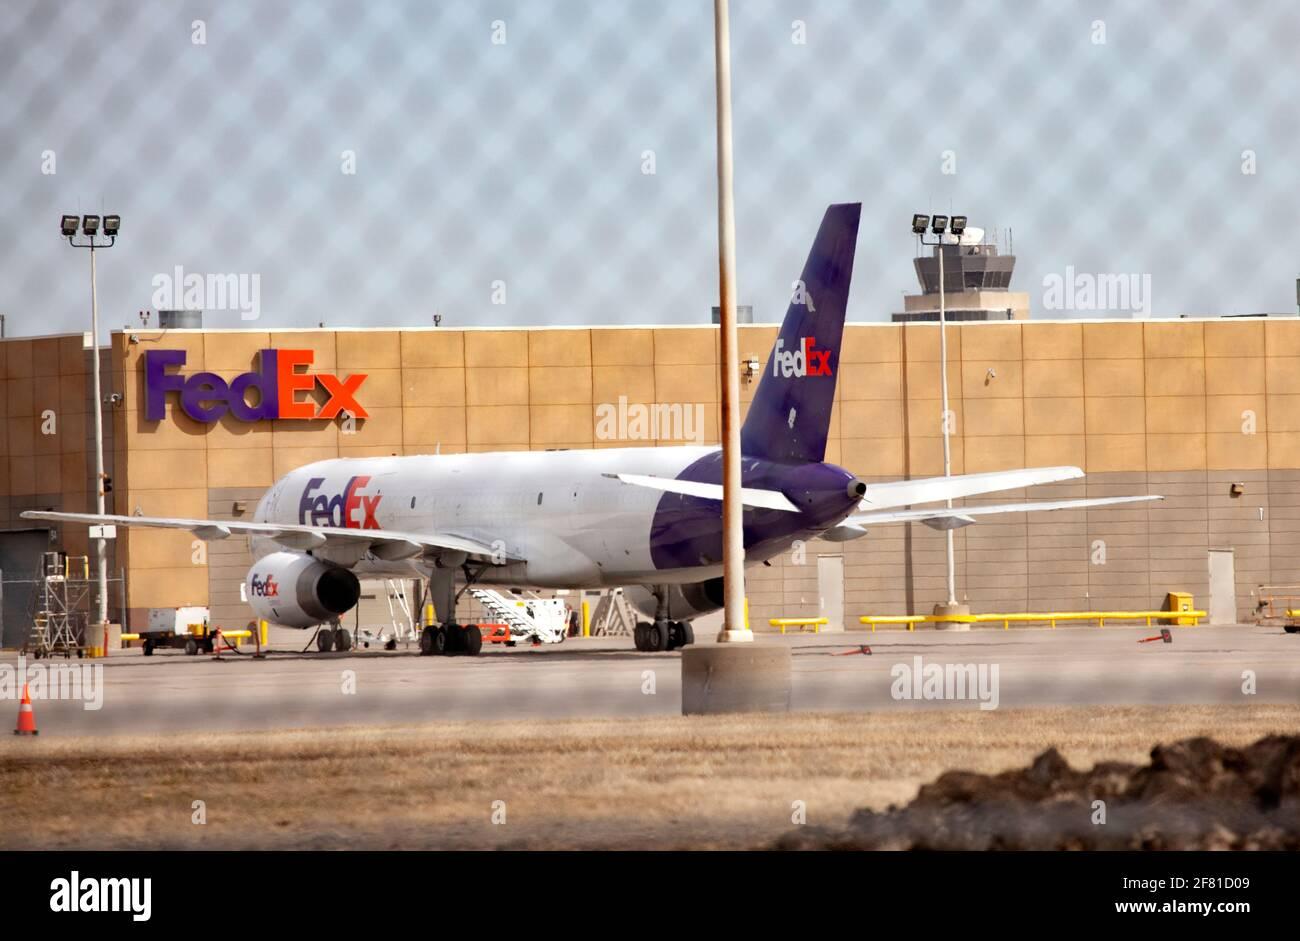 FedEx firma en la oficina de negocios con FedEx Airplane estacionado en el delantal en el Aeropuerto Internacional St Paul de Minneapolis. Minneapolis Minnesota MN Estados Unidos Foto de stock